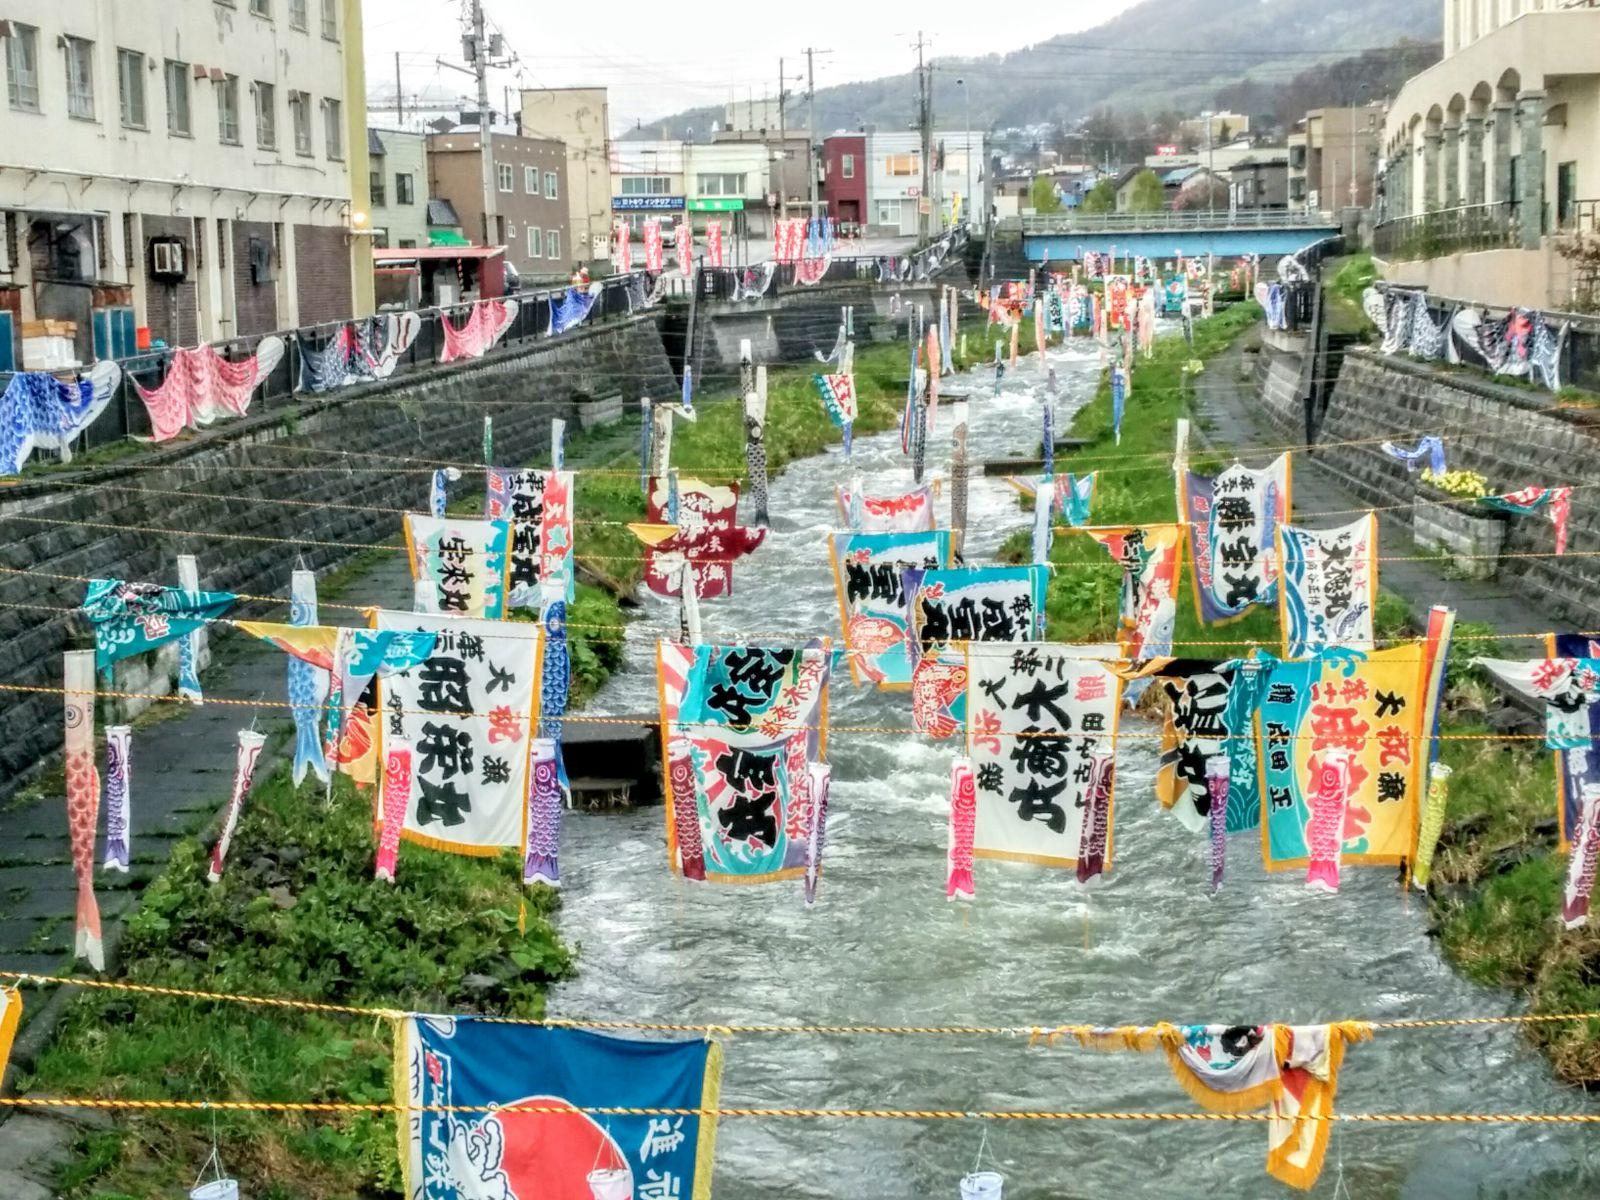 【小樽市】なんたる市場横勝納川の大漁旗と鯉のぼり観光案内です。